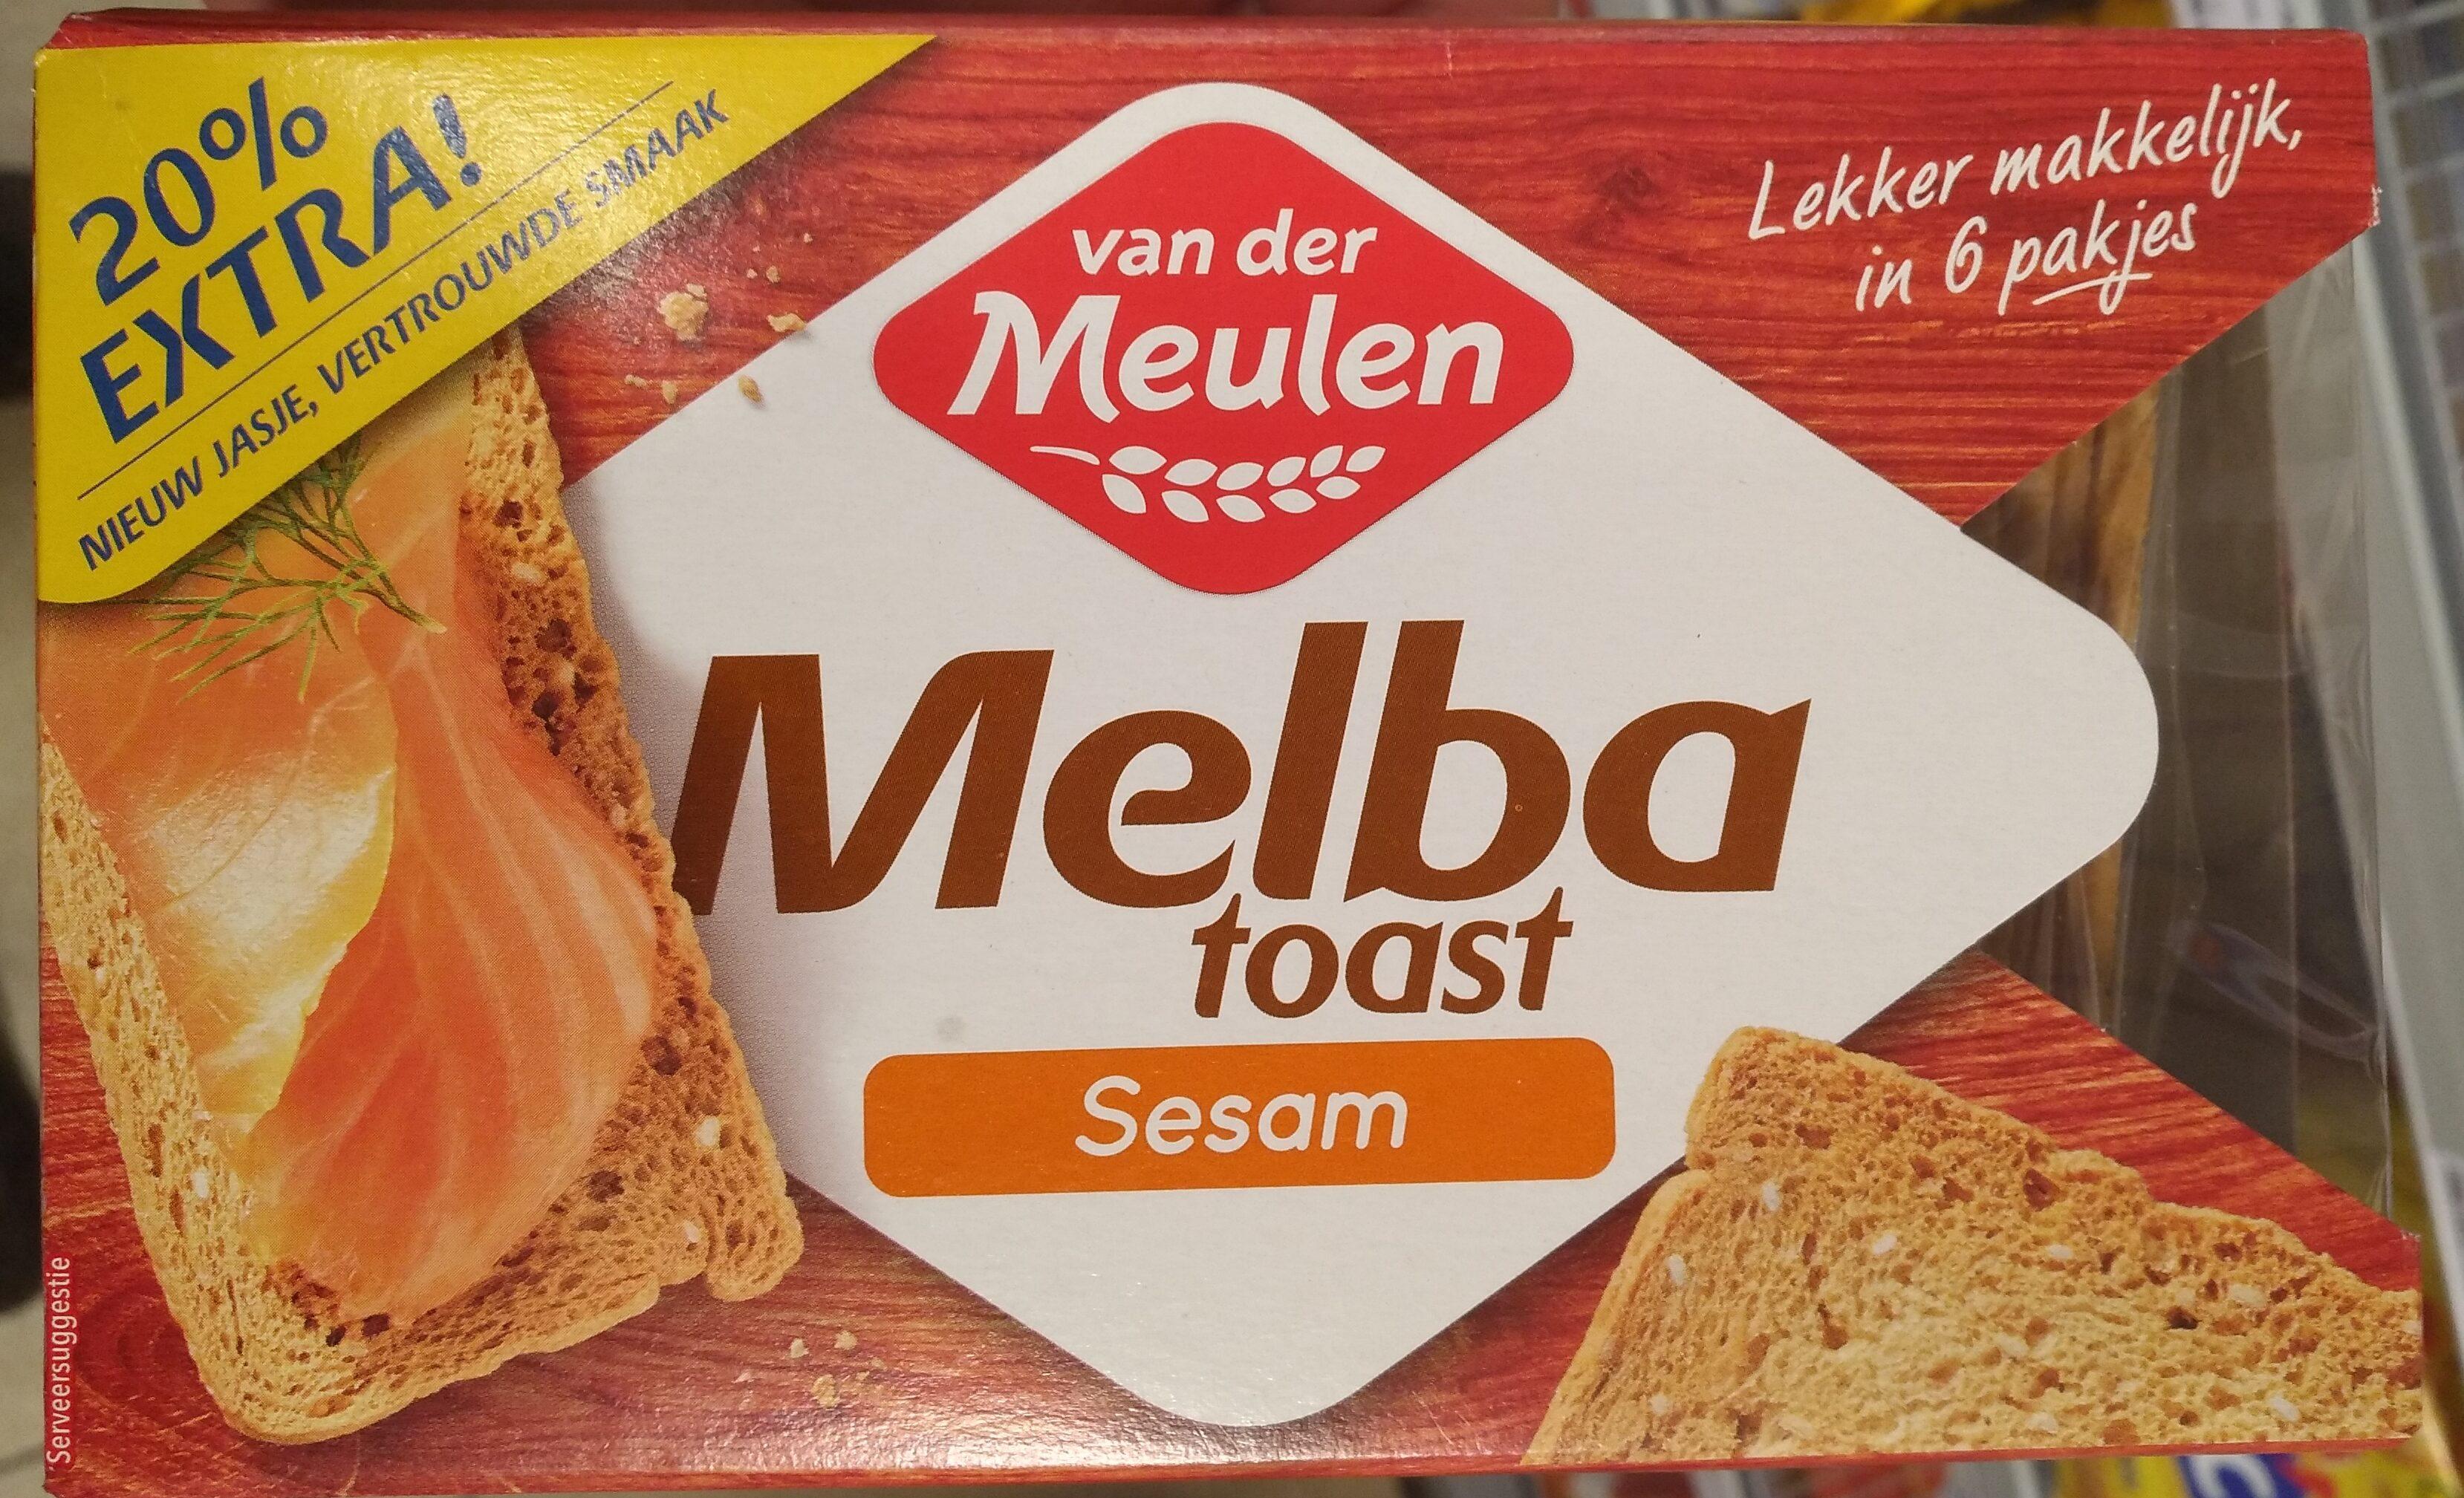 Melba toast sesam - Product